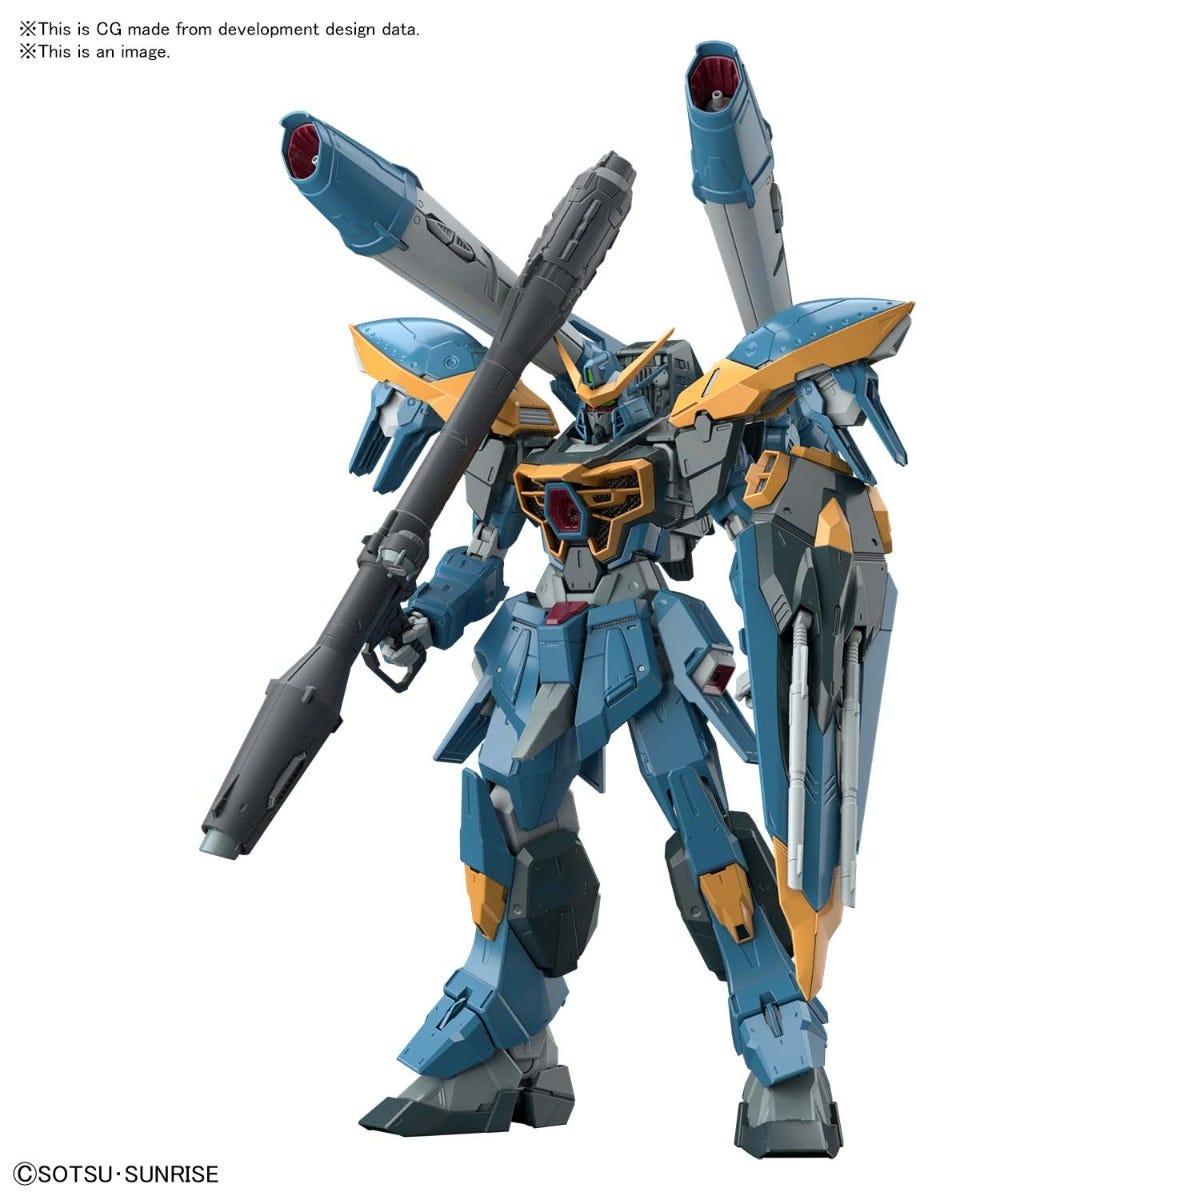 """Bandai Spirits Hobby Full Mechanics 1/100 #01 Calamity Gundam """"Mobile Suit Gundam Seed"""""""